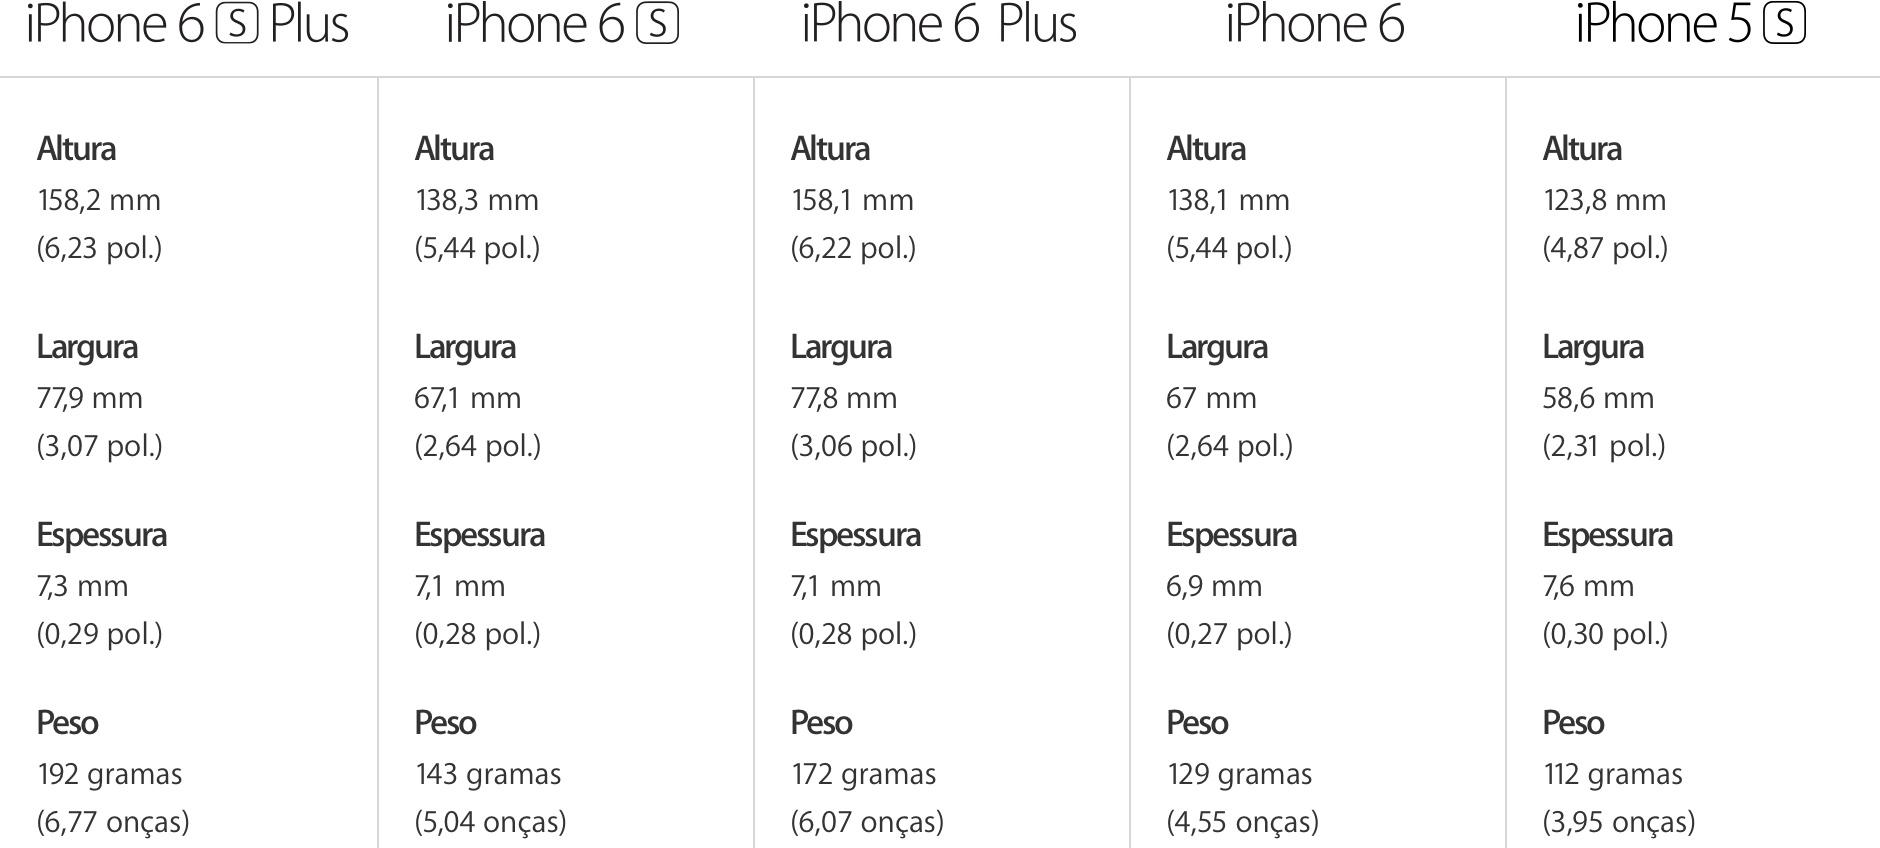 Pesos e dimensões dos iPhones